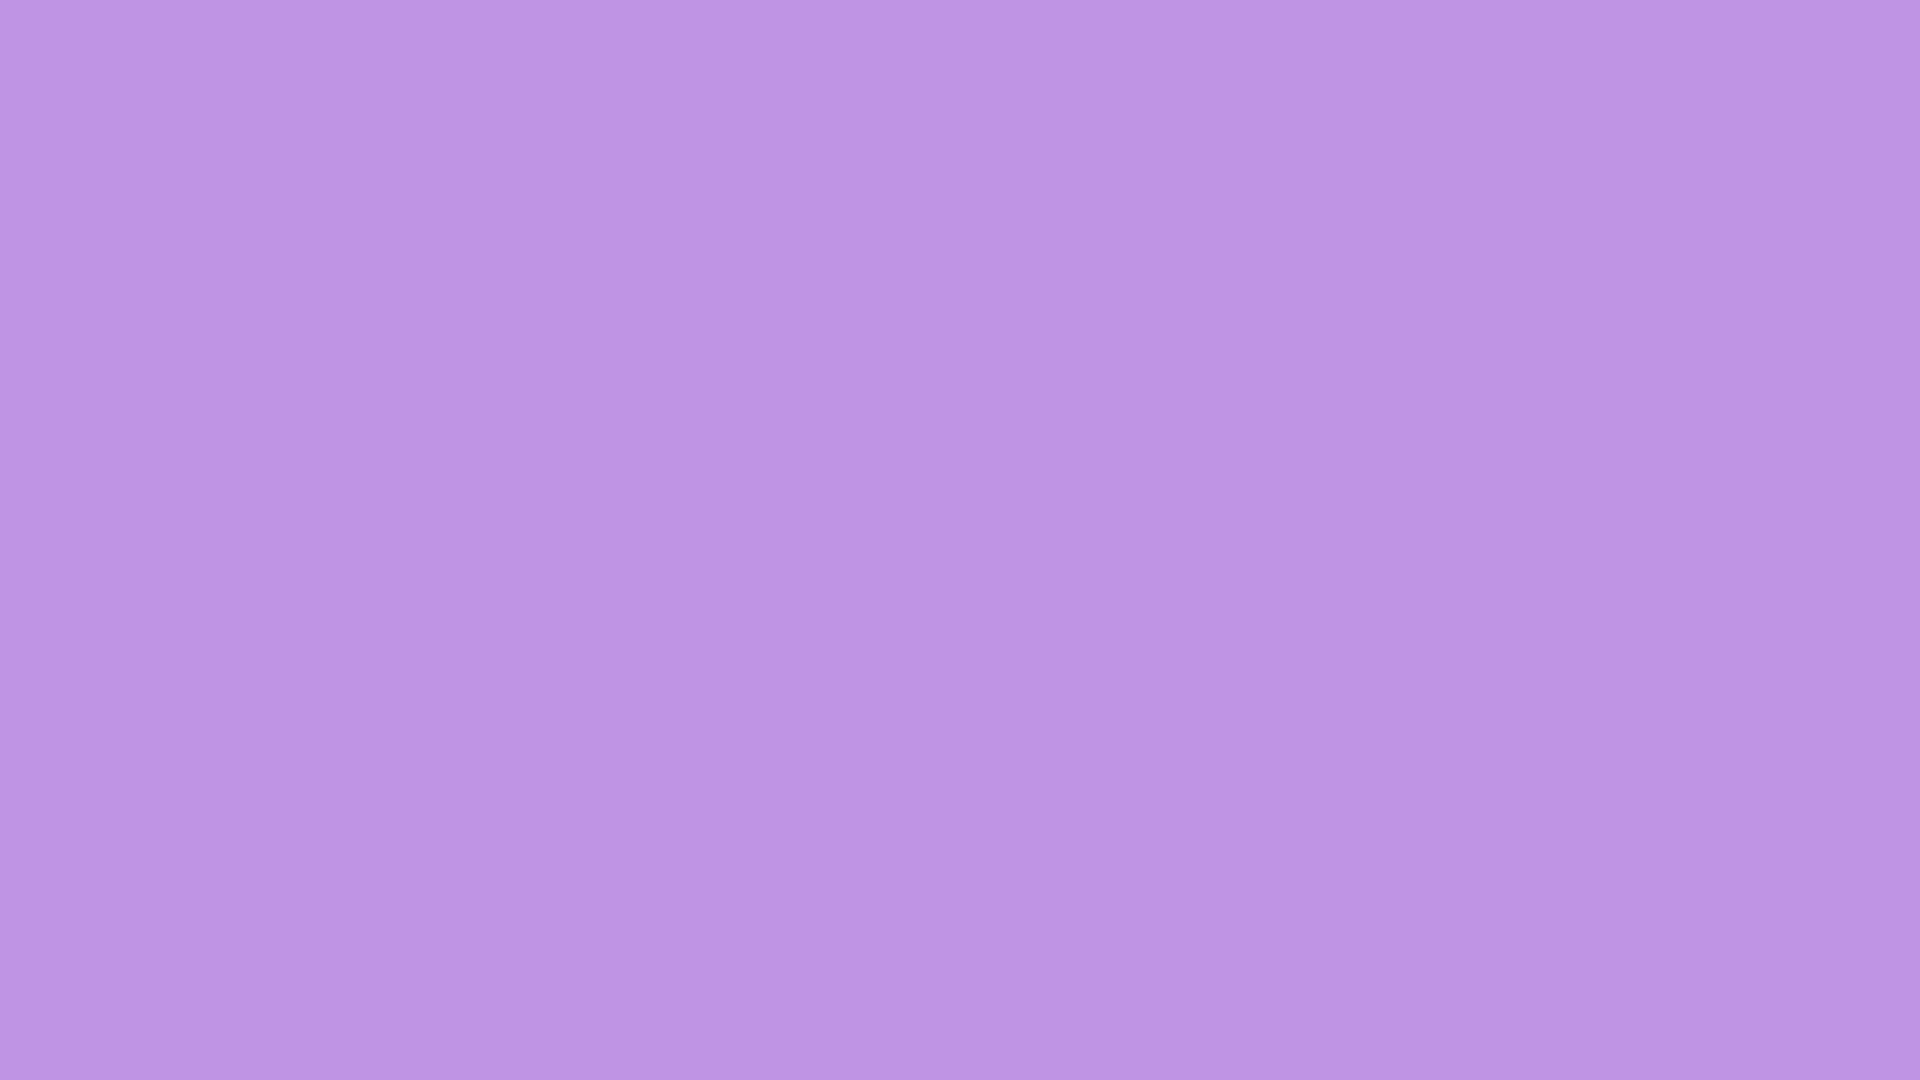 Lavender Paint Color